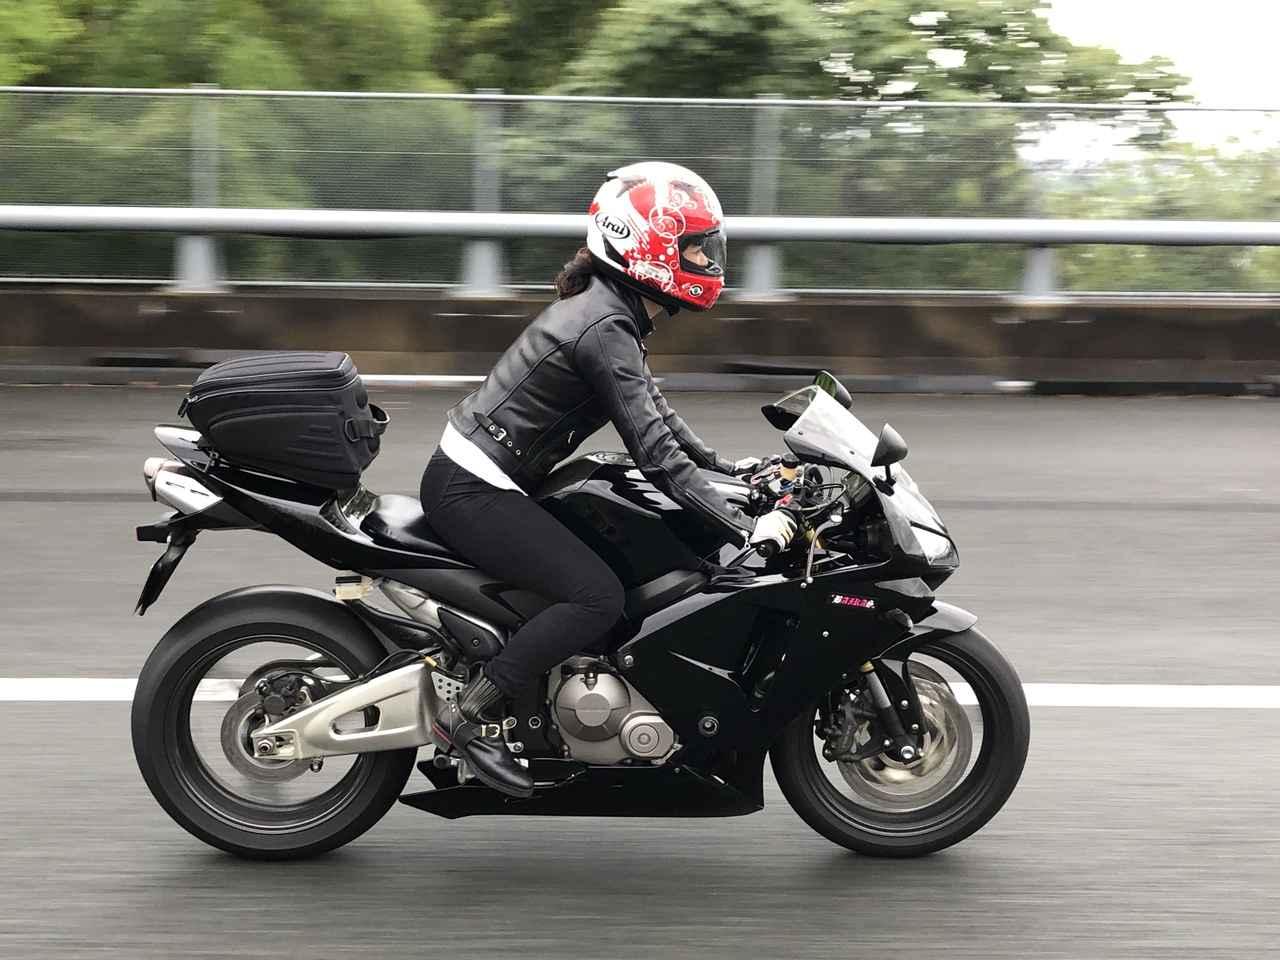 Images : 14番目の画像 - 「いよいよ明日(24日)から! 「バイクのふるさと浜松2019」バイク女子たちも会場に向かって出発!」のアルバム - webオートバイ